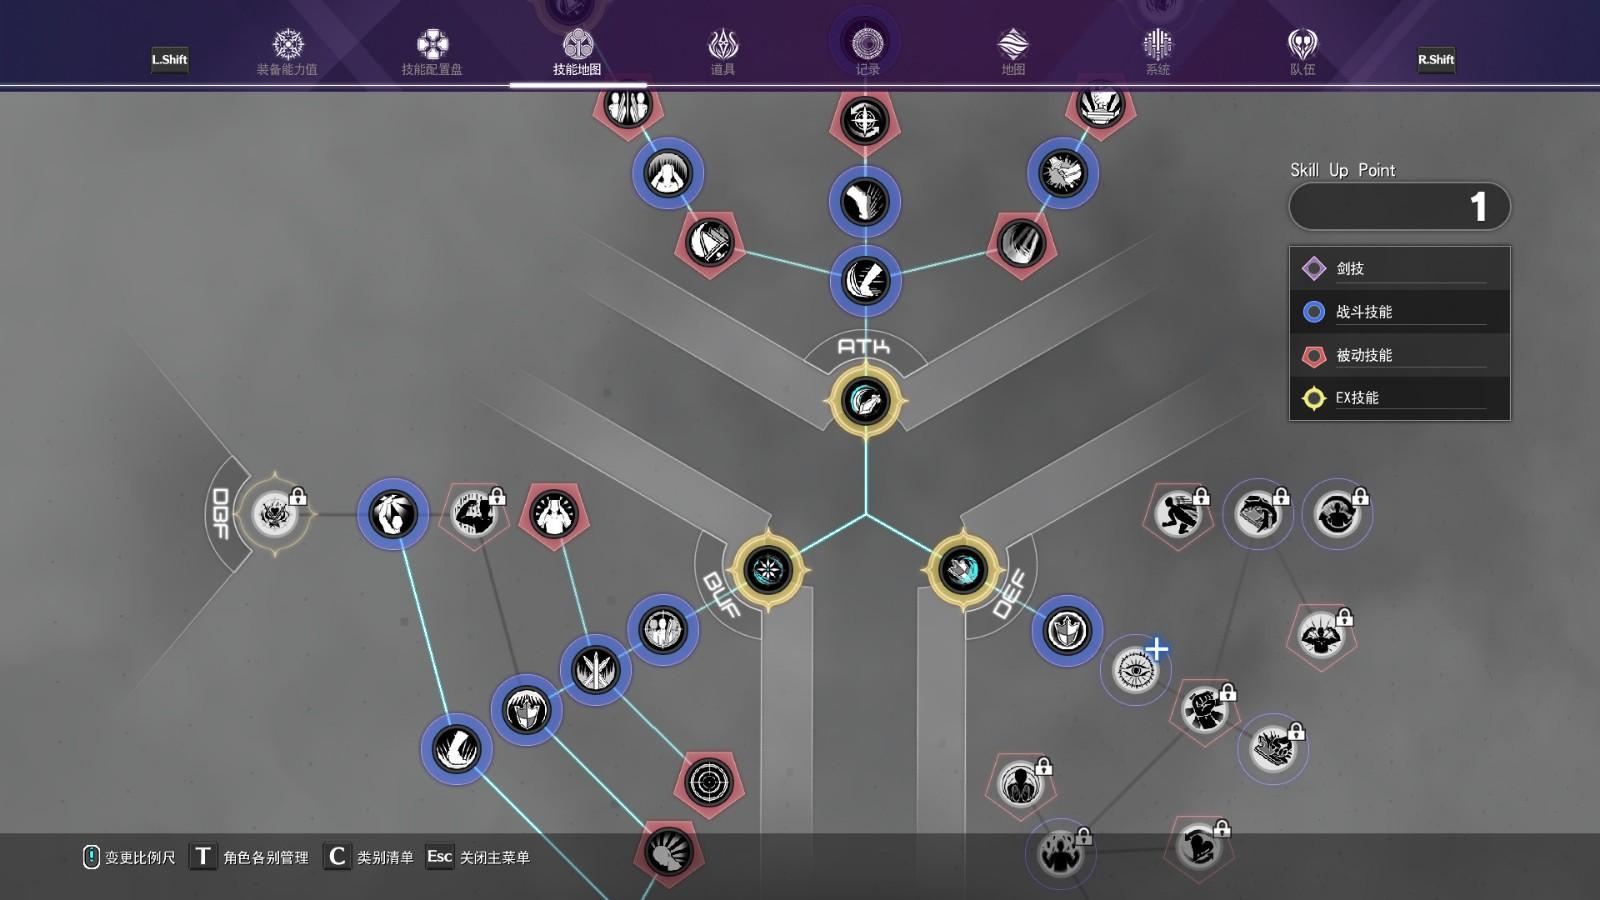 《刀剑神域:彼岸游境》评测:粗糙的优化摧毁游戏体验 (10)